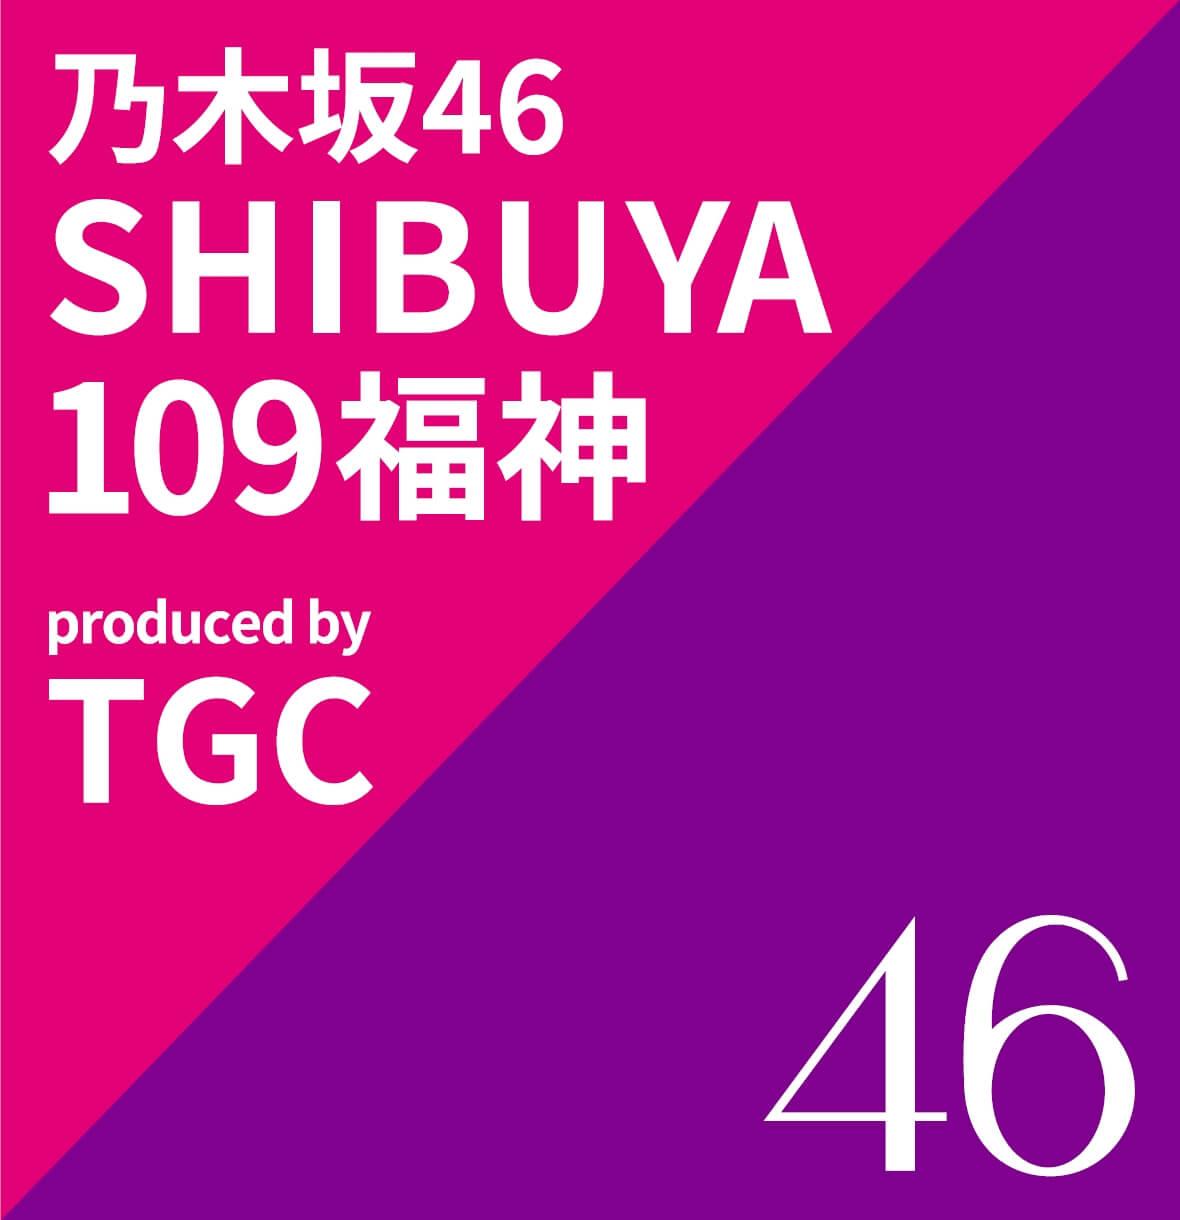 tgc���������46 shibuya109����tgc�17 ss����������